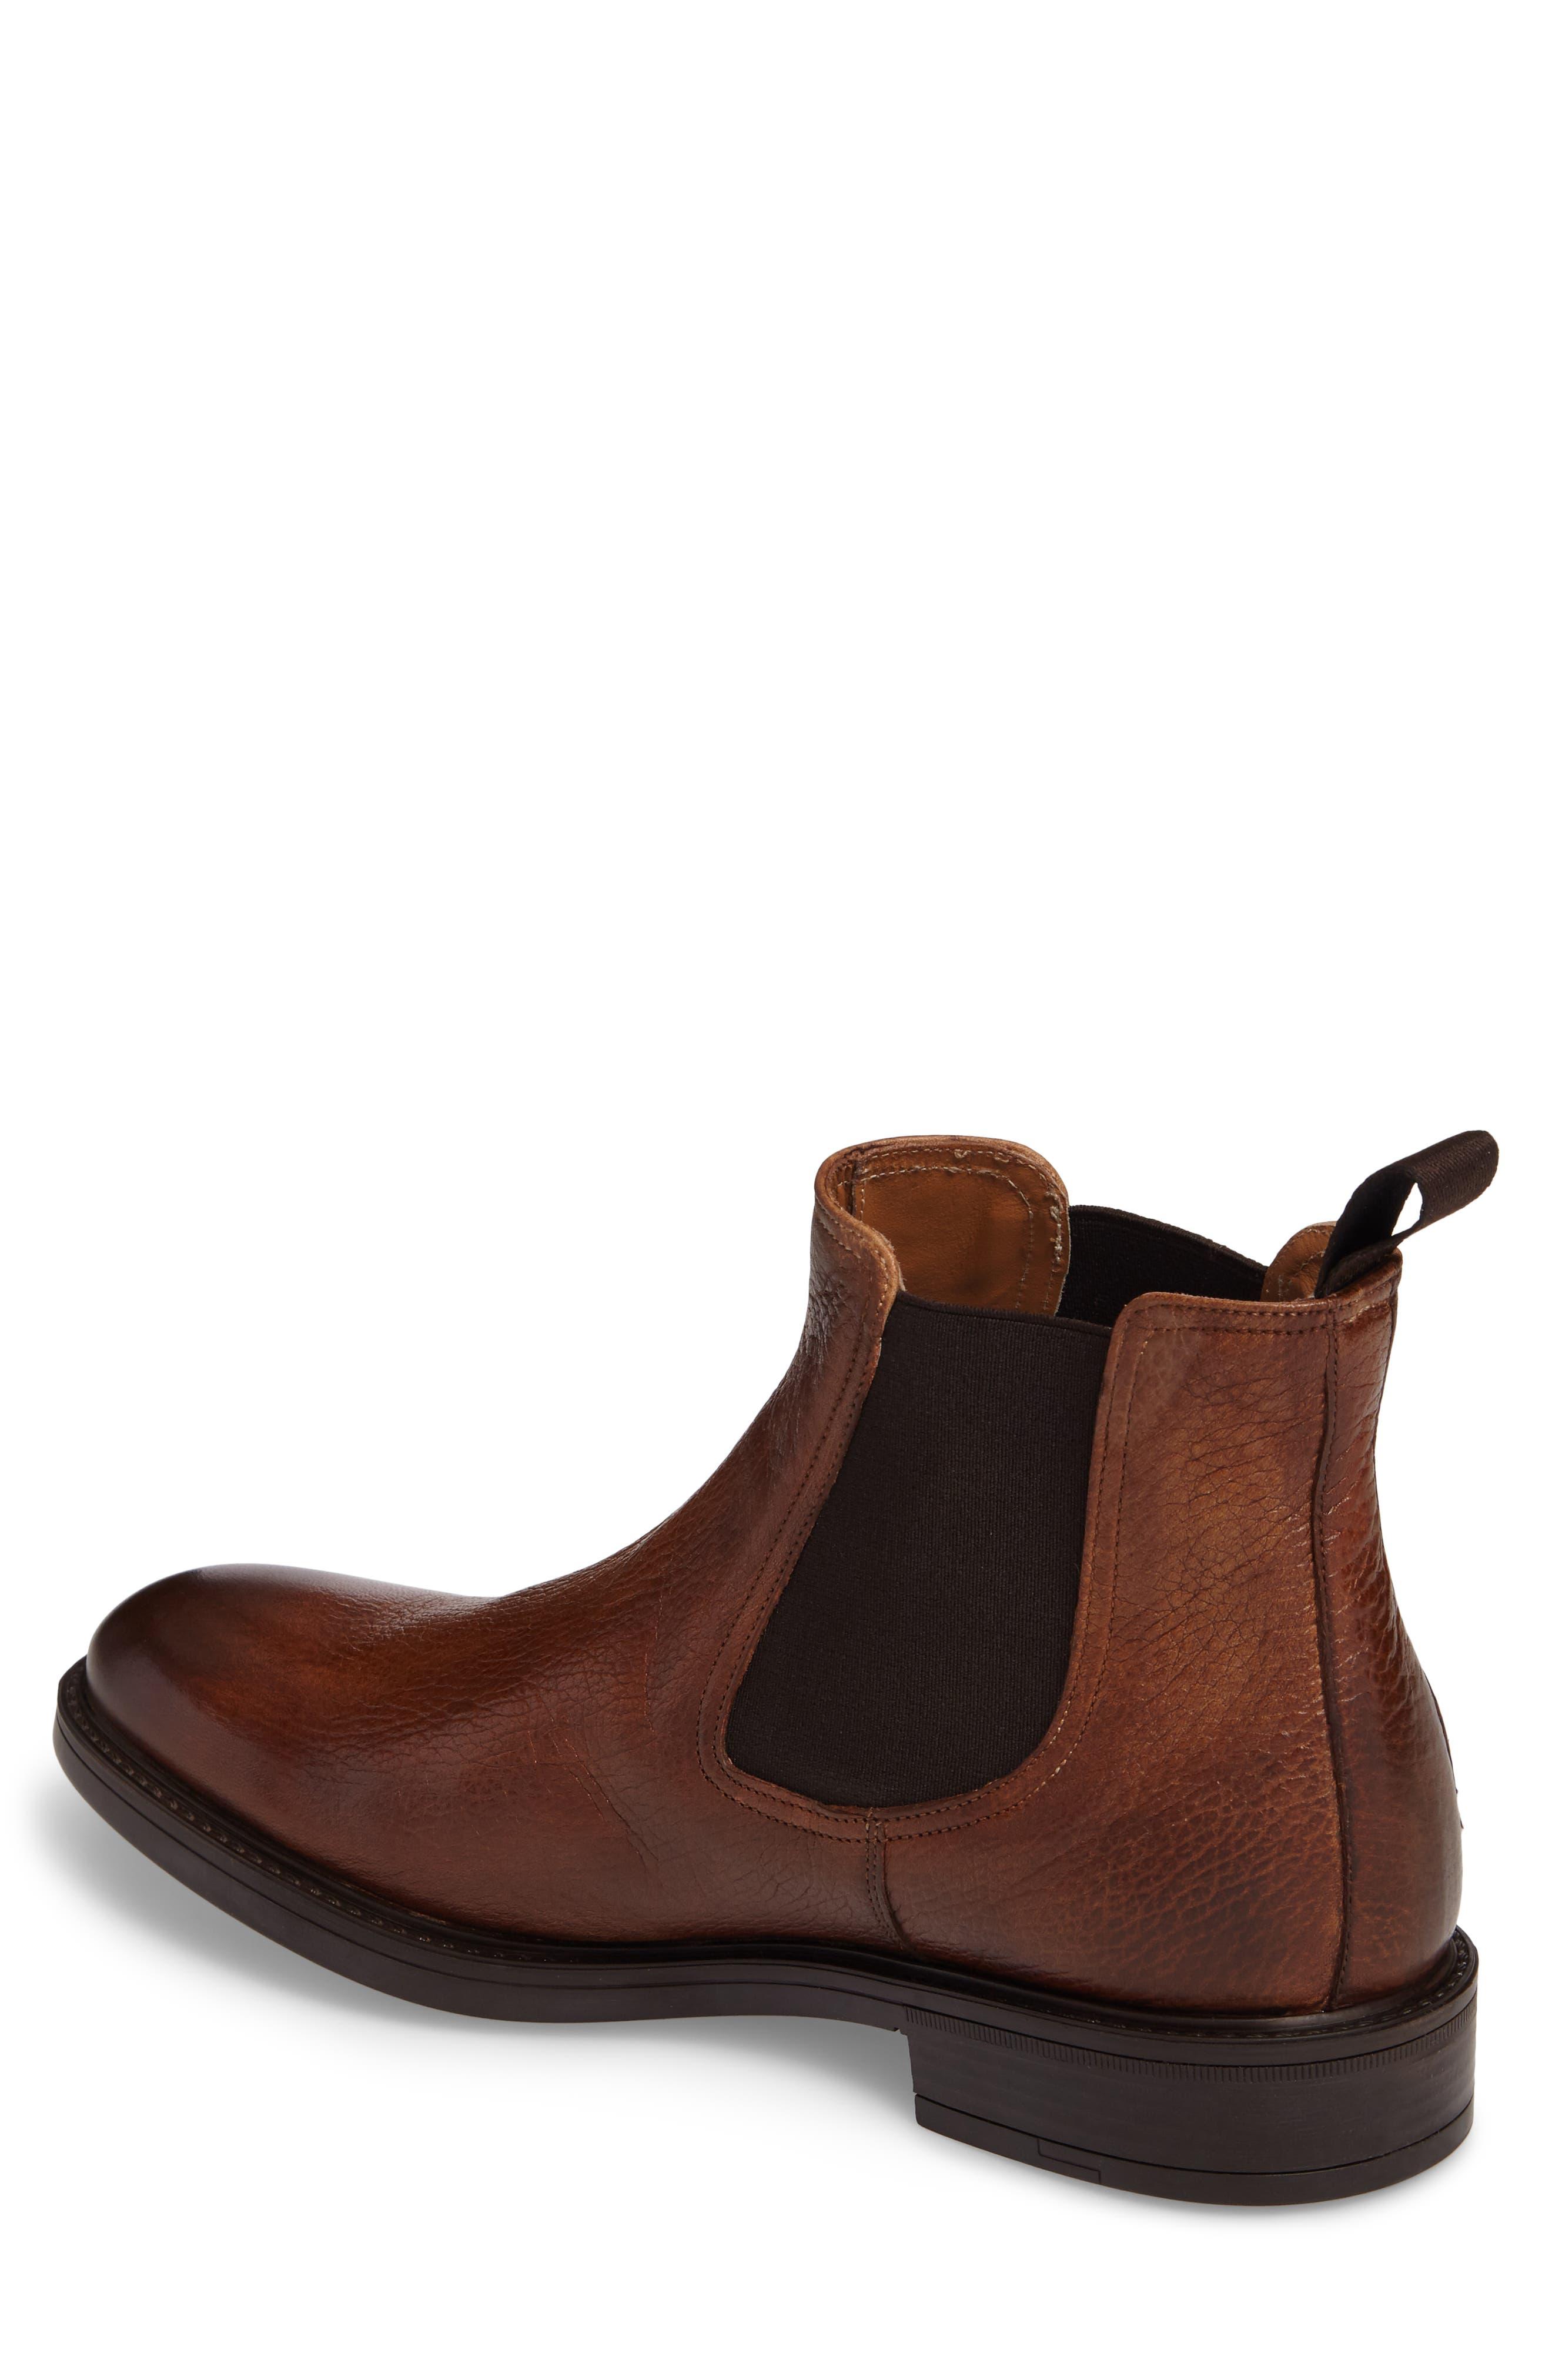 Chelsea Boot,                             Alternate thumbnail 2, color,                             Cognac Leather